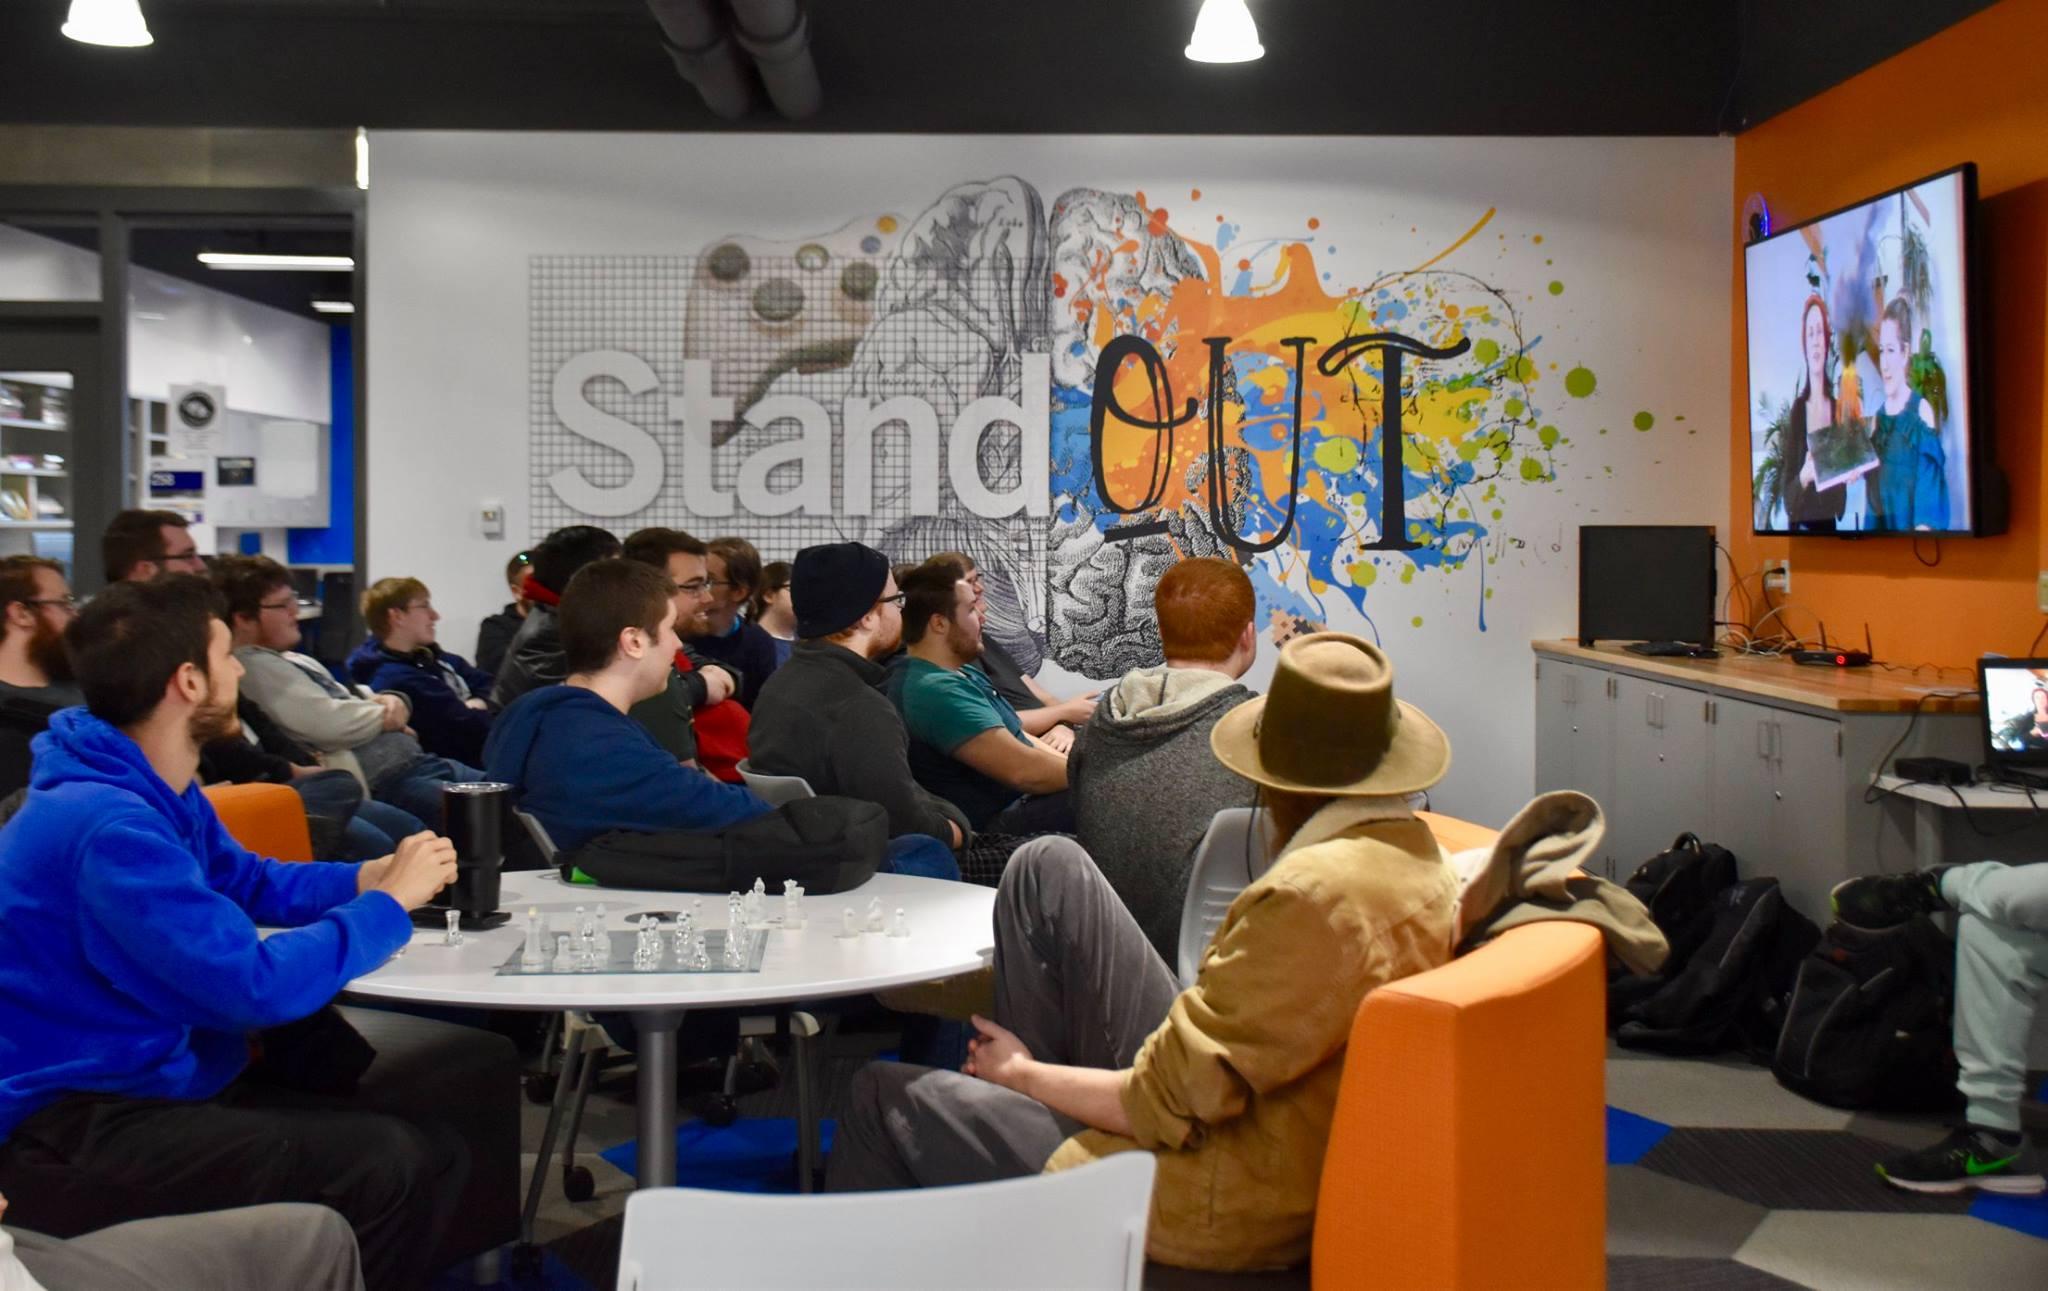 gamers in a room.jpg